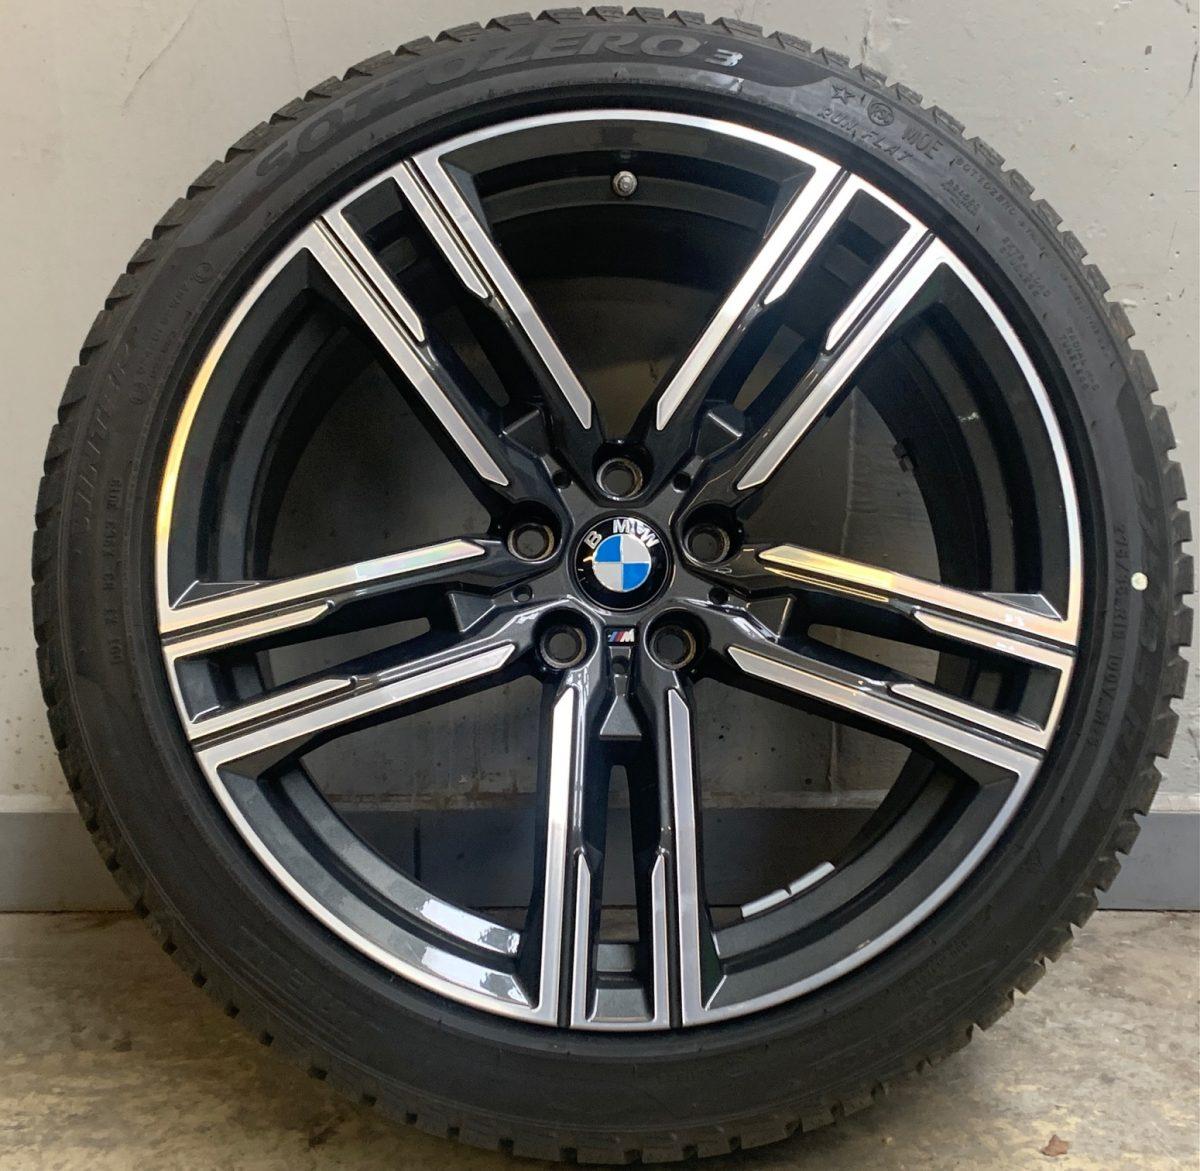 Gyári alufelni BMW 3 G30-G15 (727M Style) 8X19 9x19 új télikerék-garnitúra! kétszéles Pirelli gumikkal,nyomásszenzorral 1